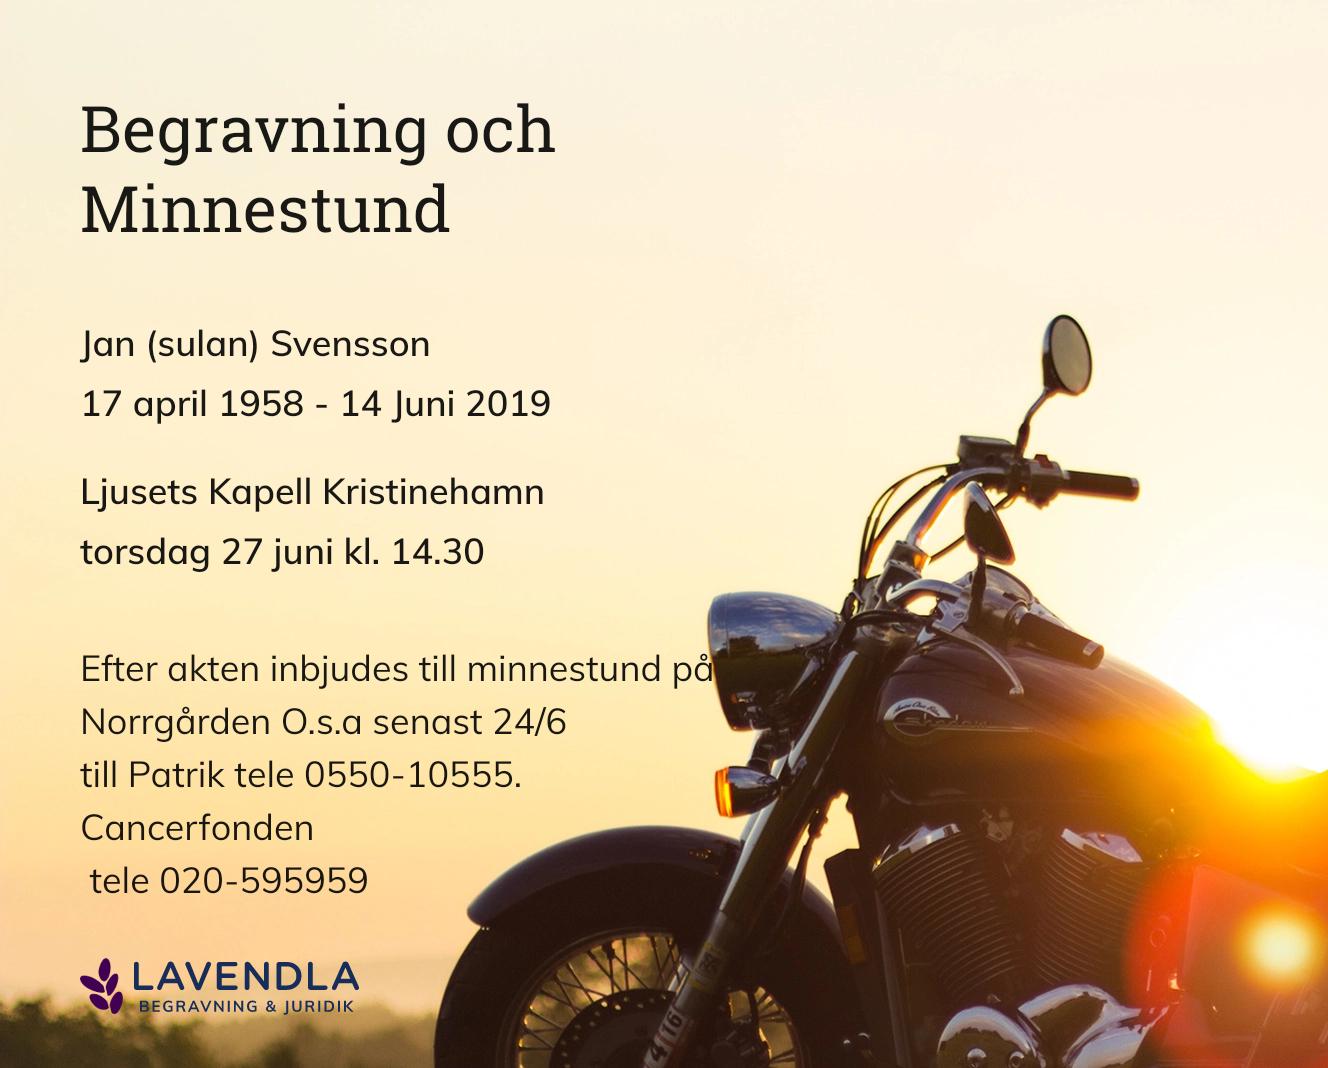 Inbjudningskort till ceremonin för Jan (sulan) Svensson